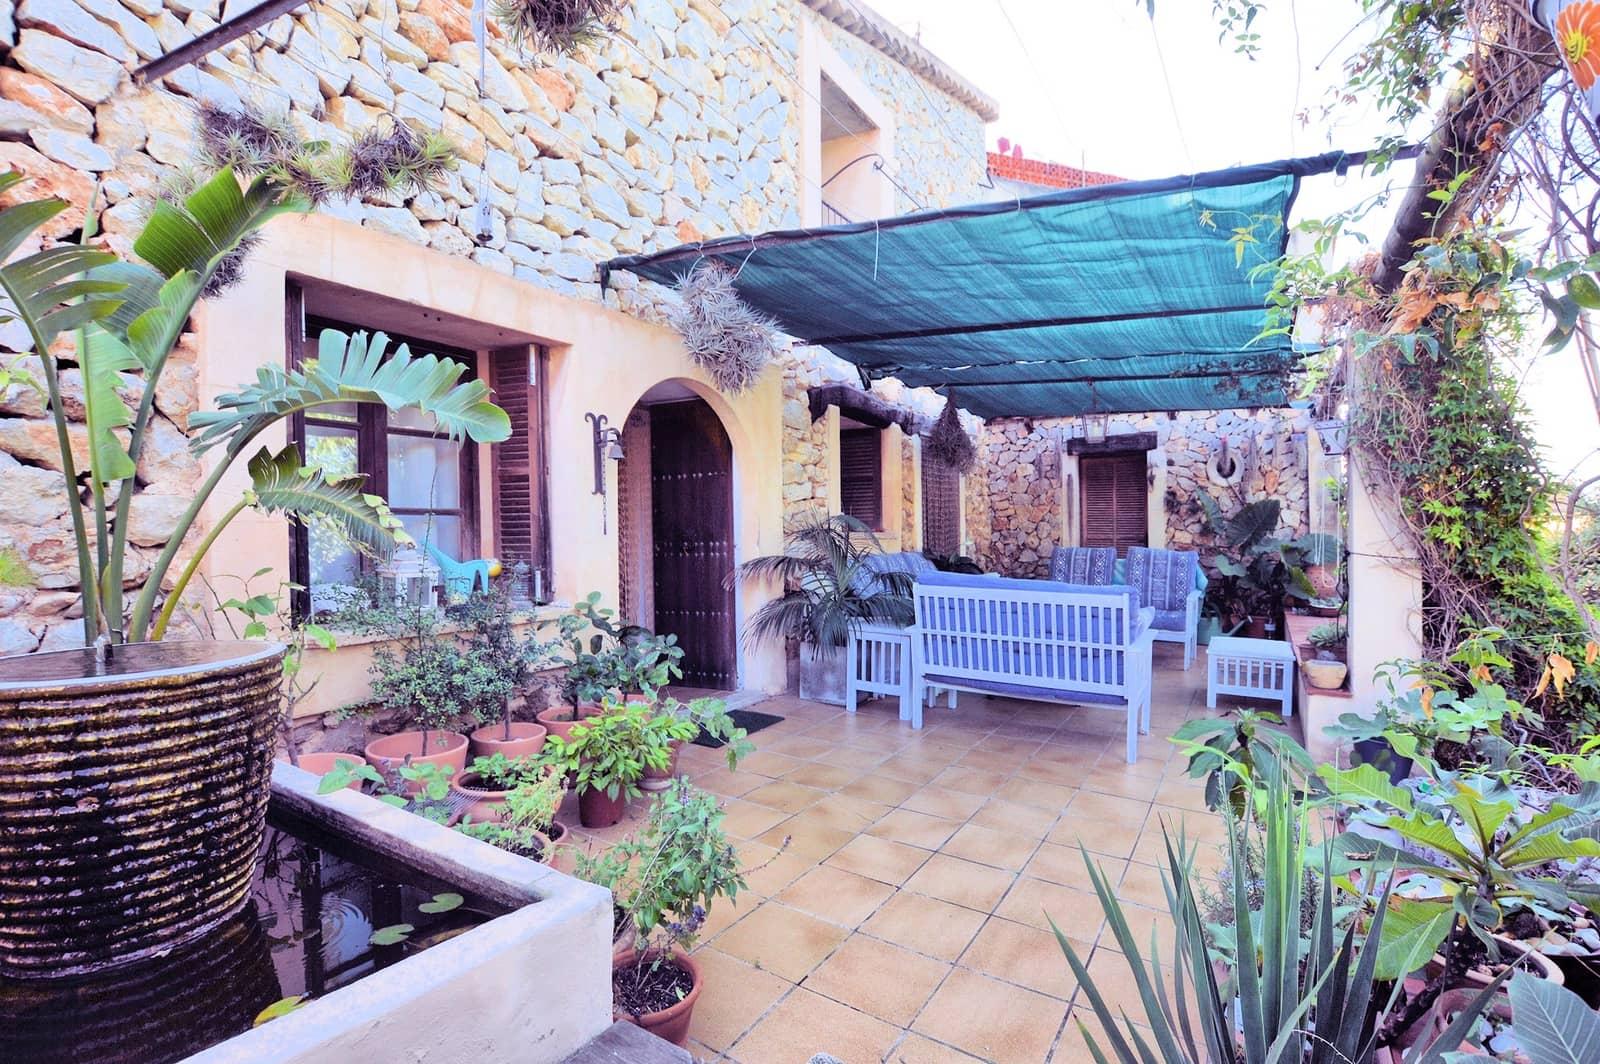 Casa de 3 habitaciones en Calvià en venta con piscina - 950.000 € (Ref: 5687108)